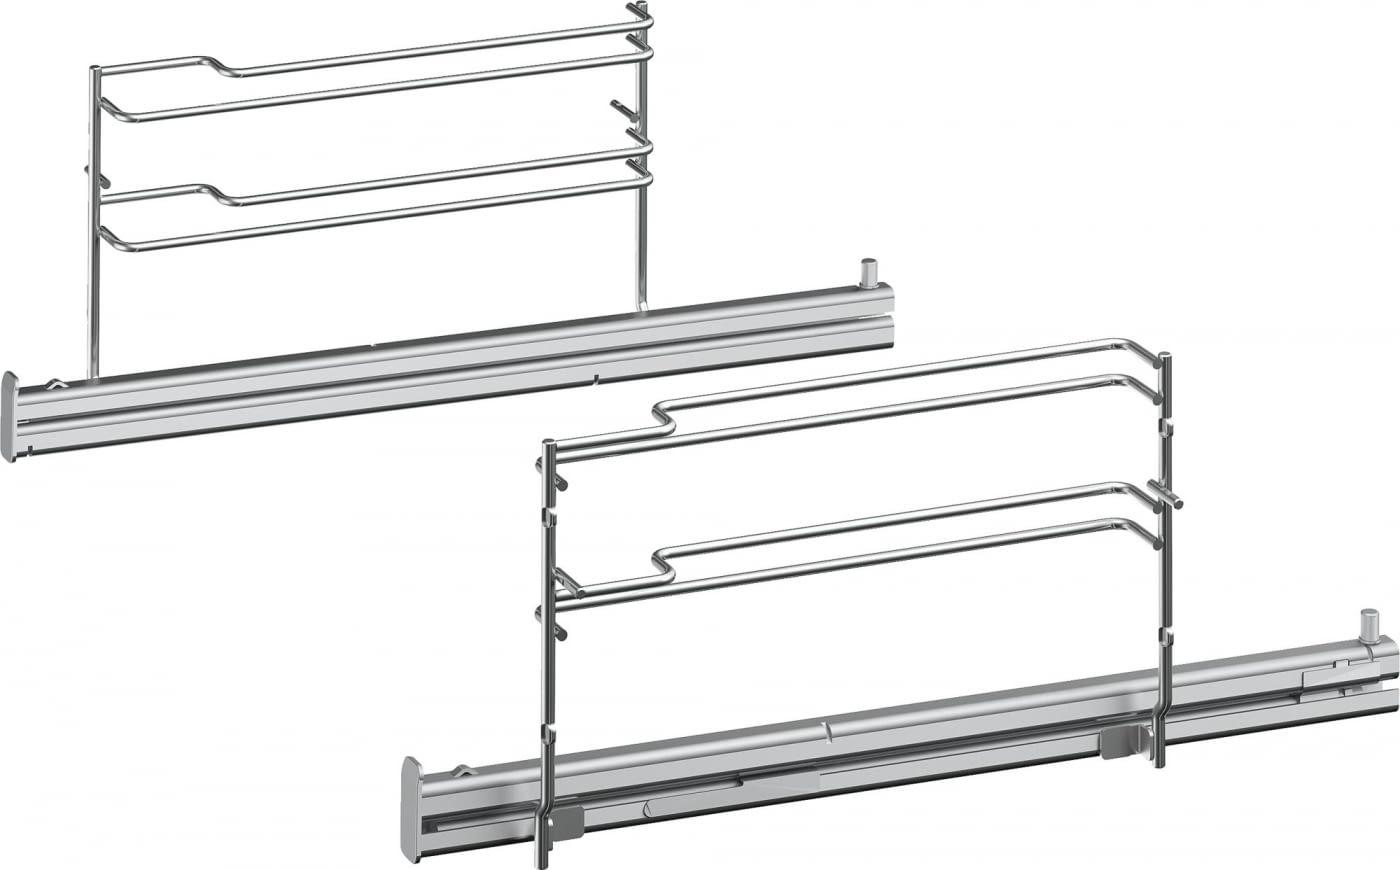 Extensiones de railes completas HZ638178 para Hornos Siemens | INOX -